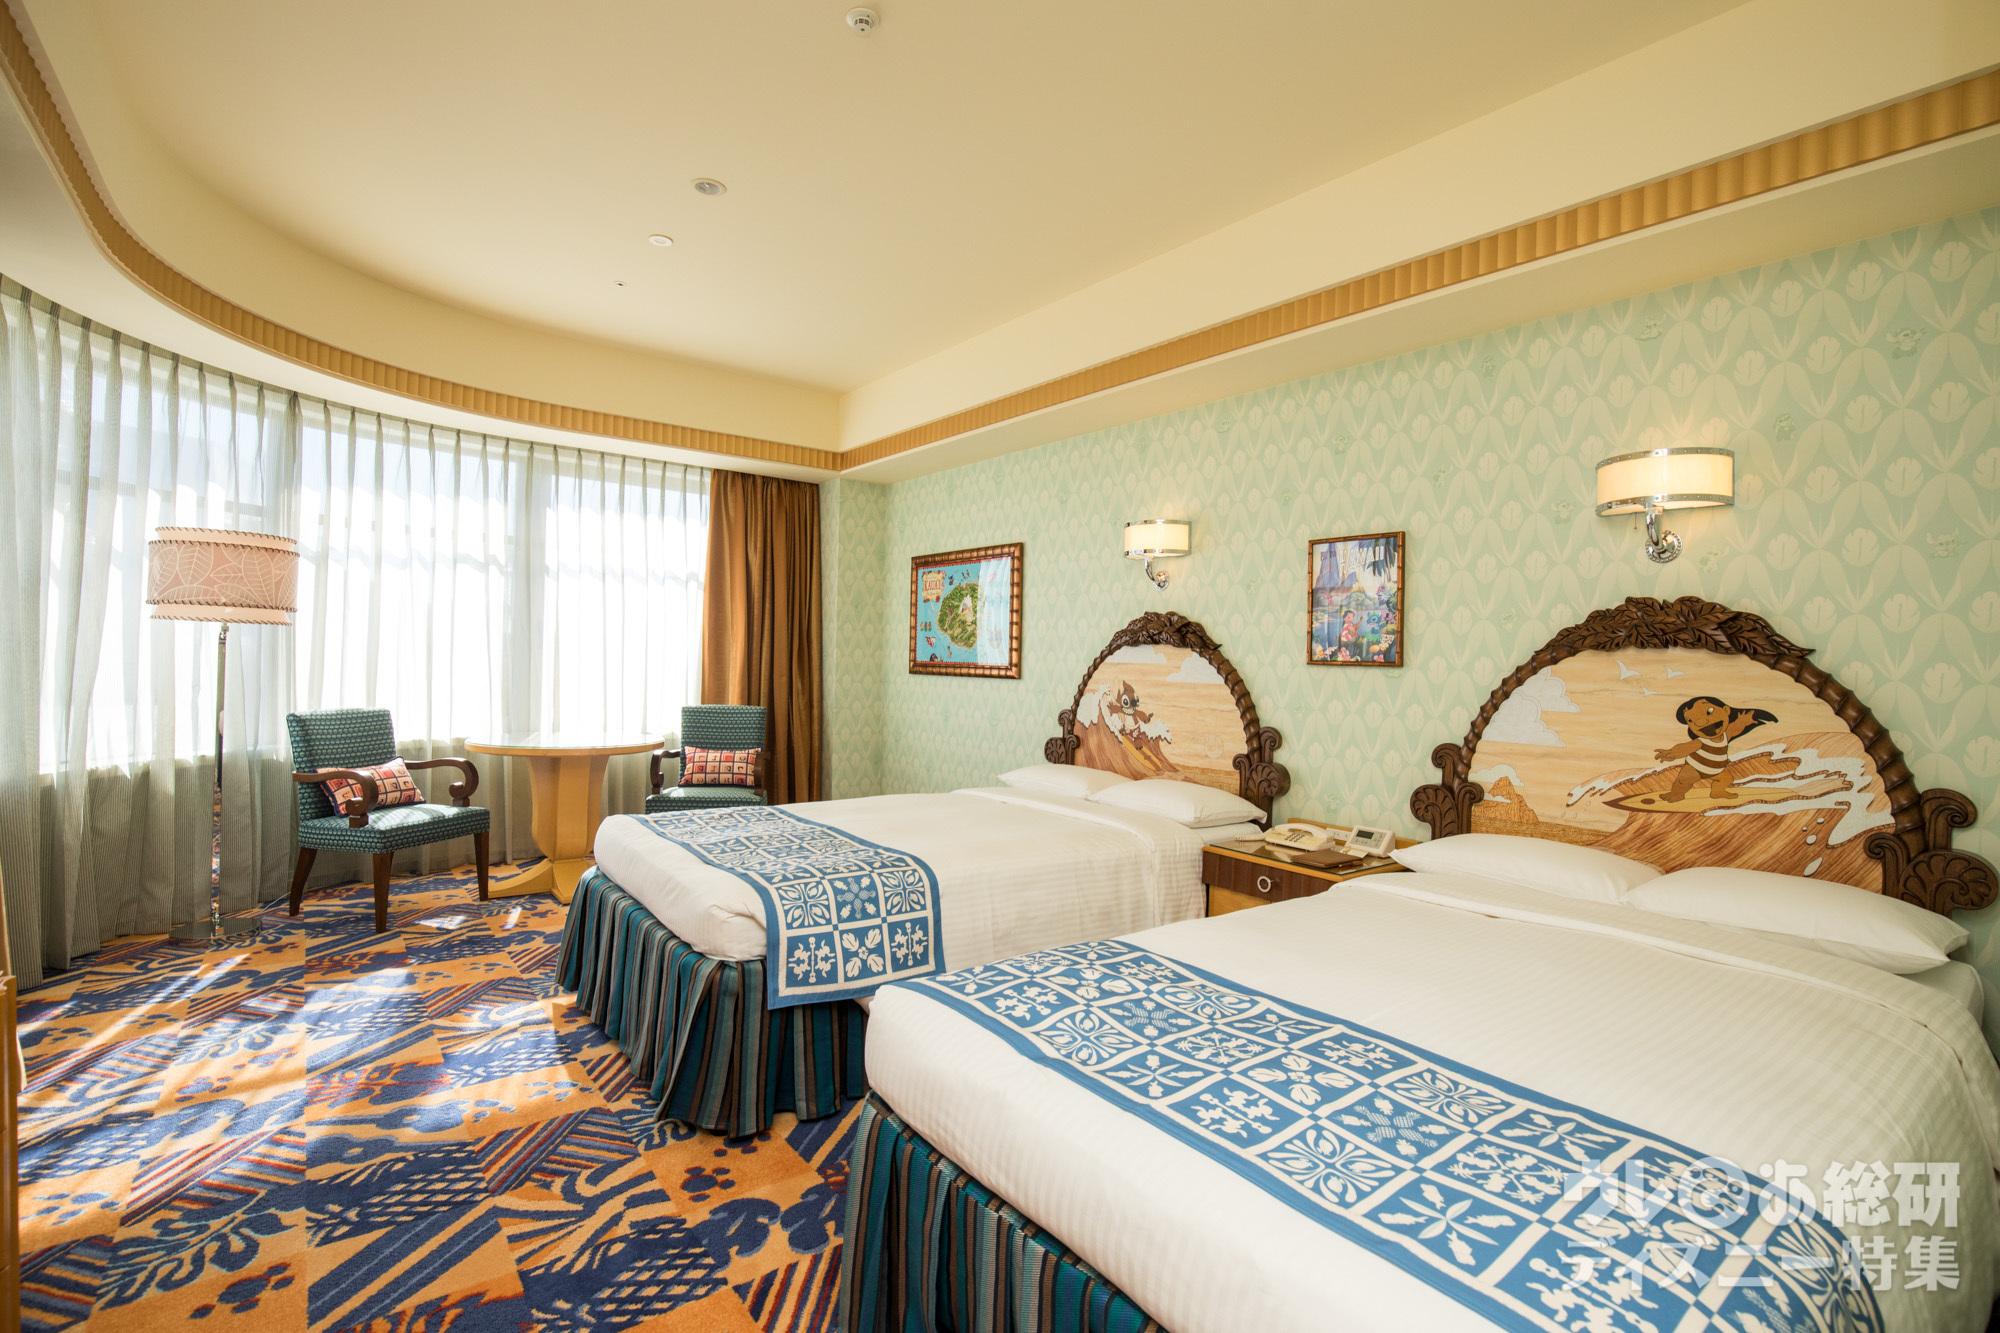 ディズニー速報】憧れのディズニーホテルに可愛い新客室!チップ&デール